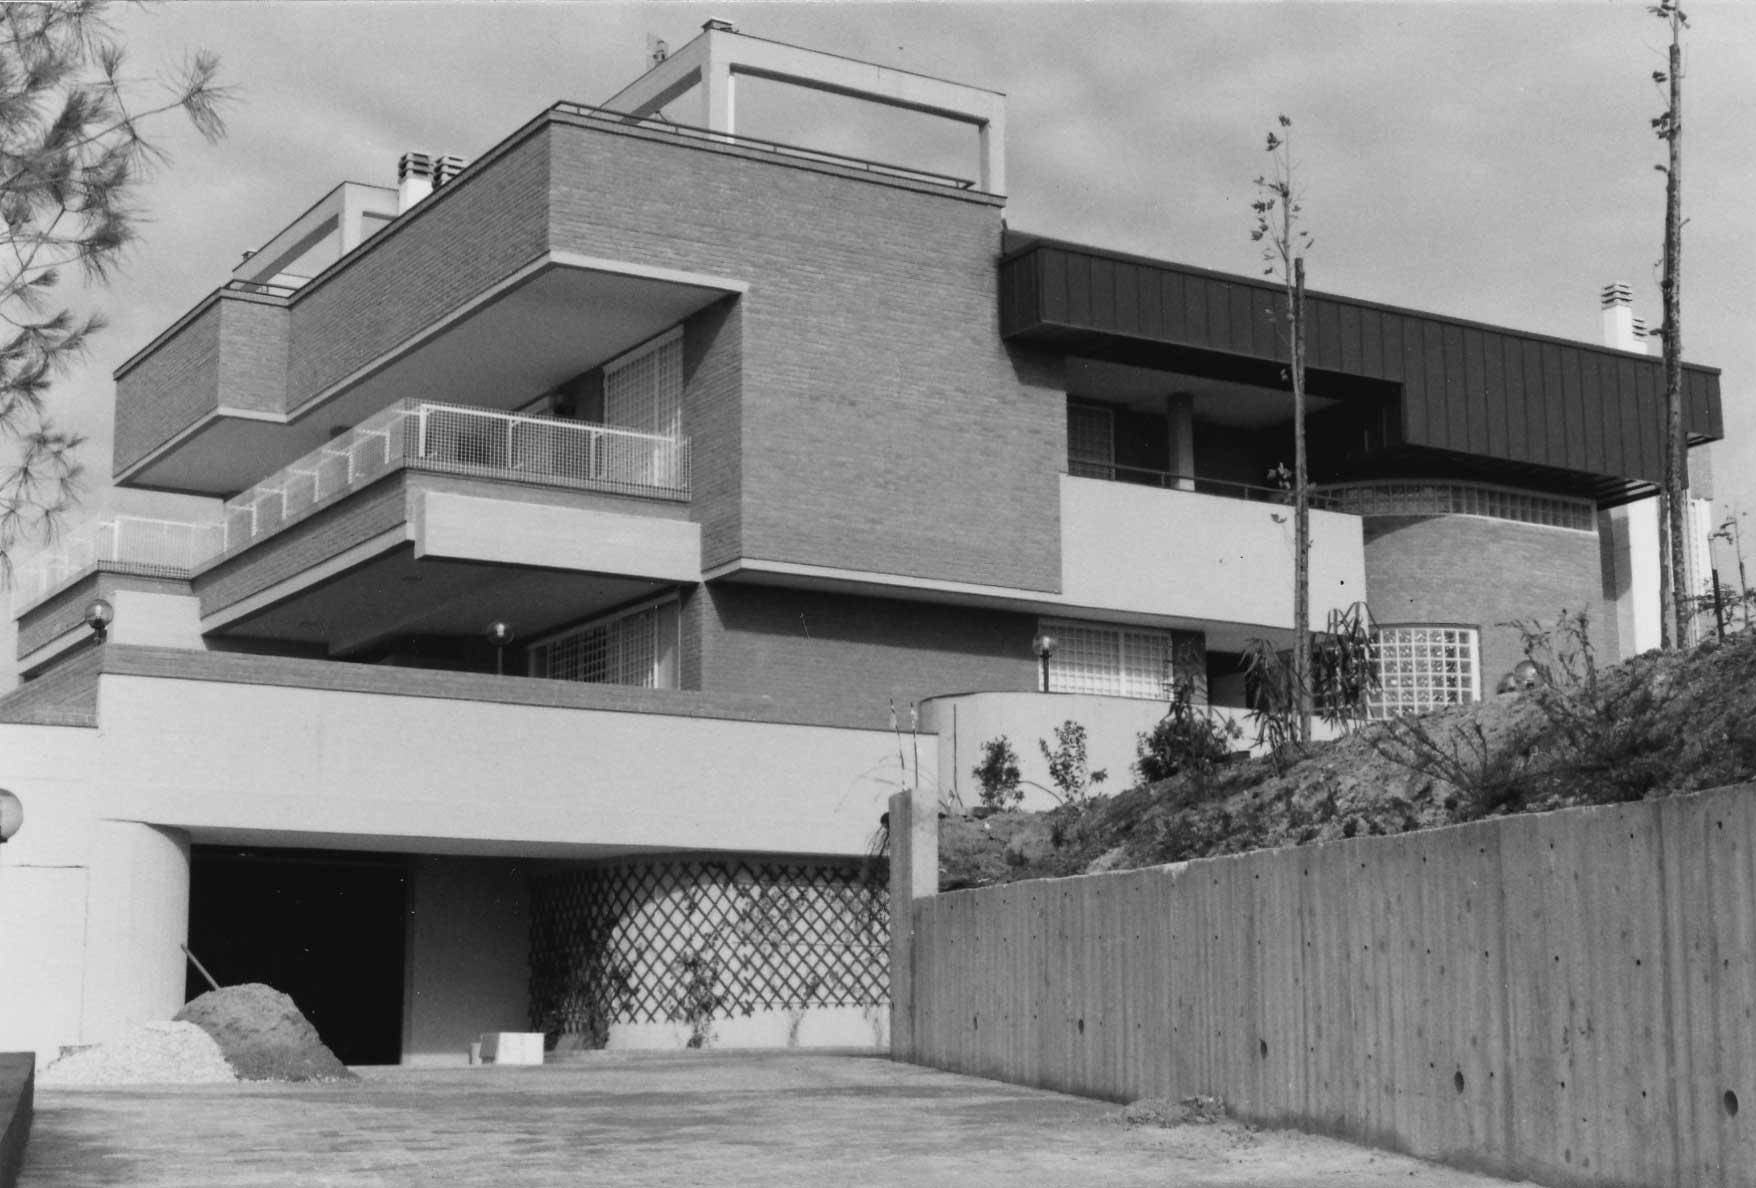 20 - Tre edifici mono e bifamiliari in via Scalo di Settebagni, Roma - Vista esterna